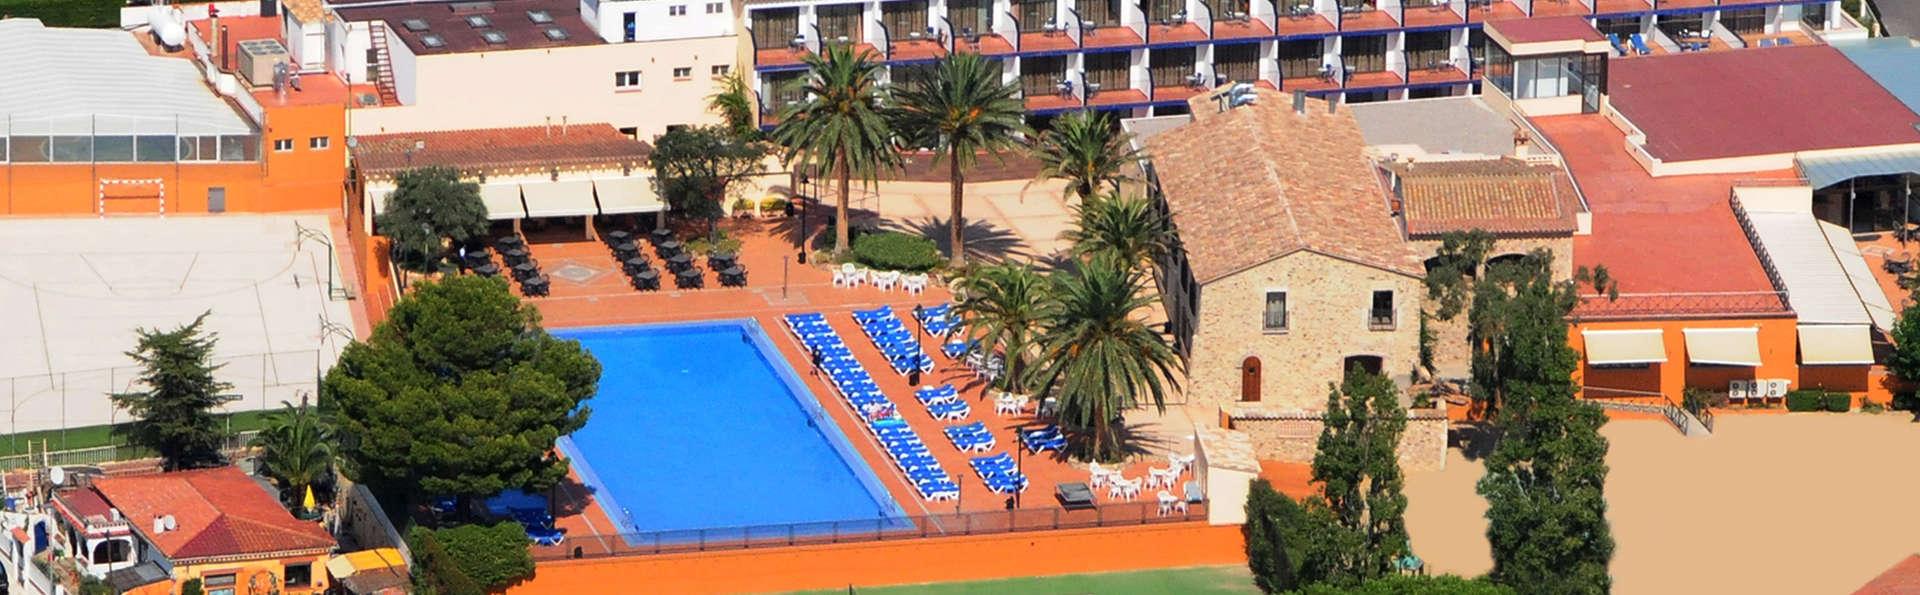 Hotel San Carlos - EDIT_NEW_Hotel.jpg